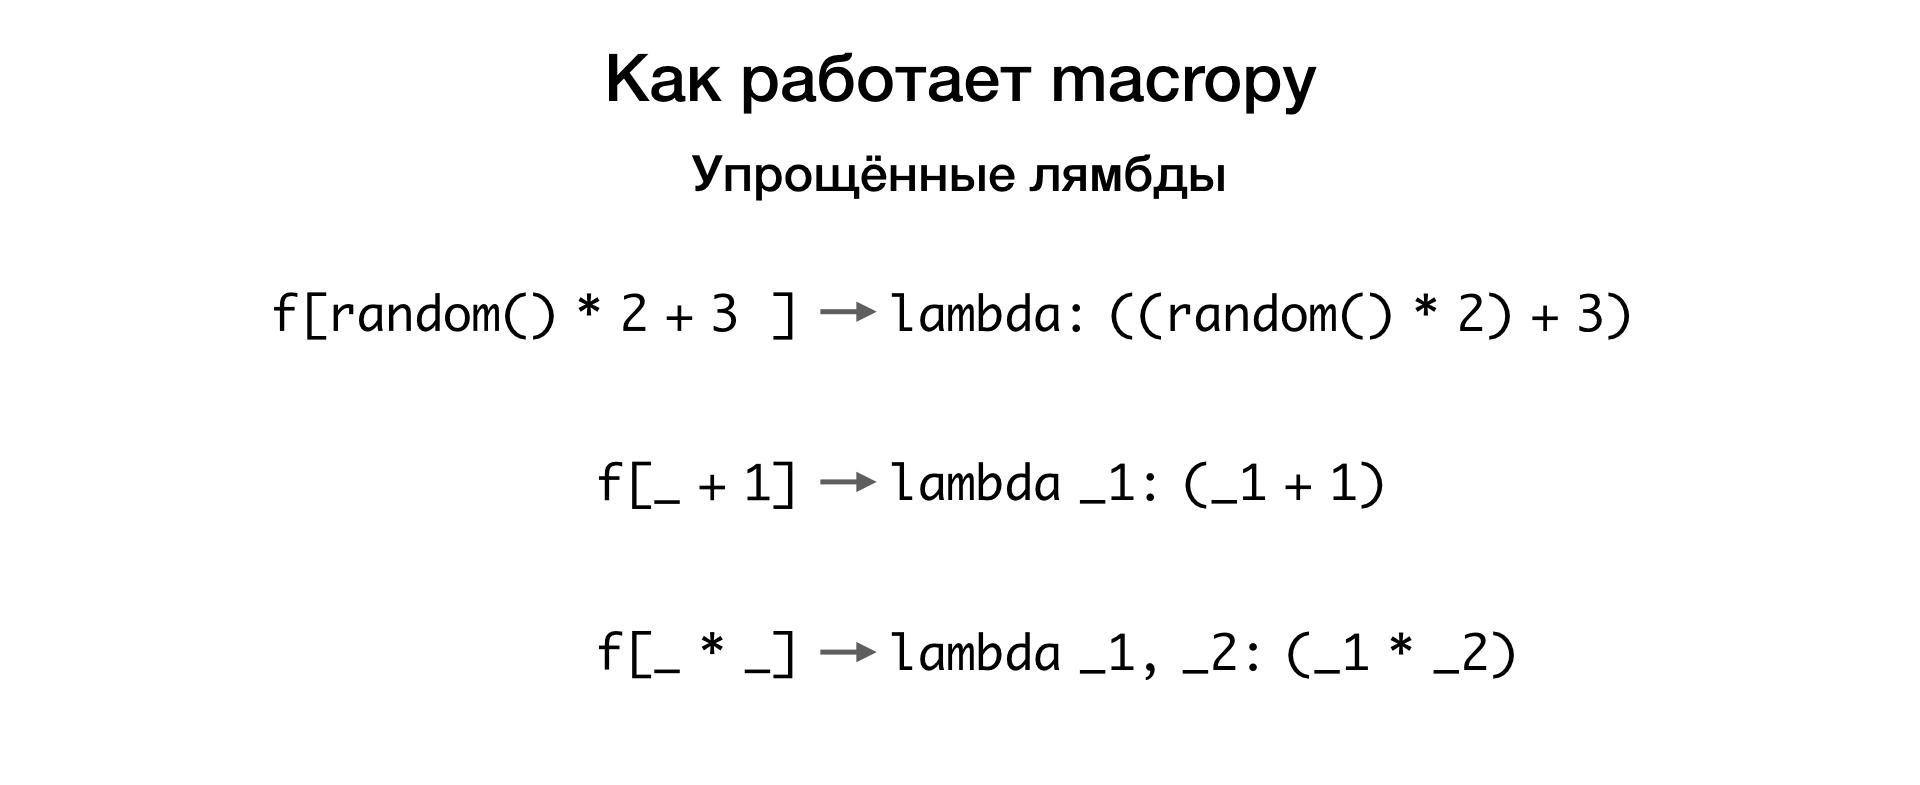 Макросы для питониста. Доклад Яндекса - 16